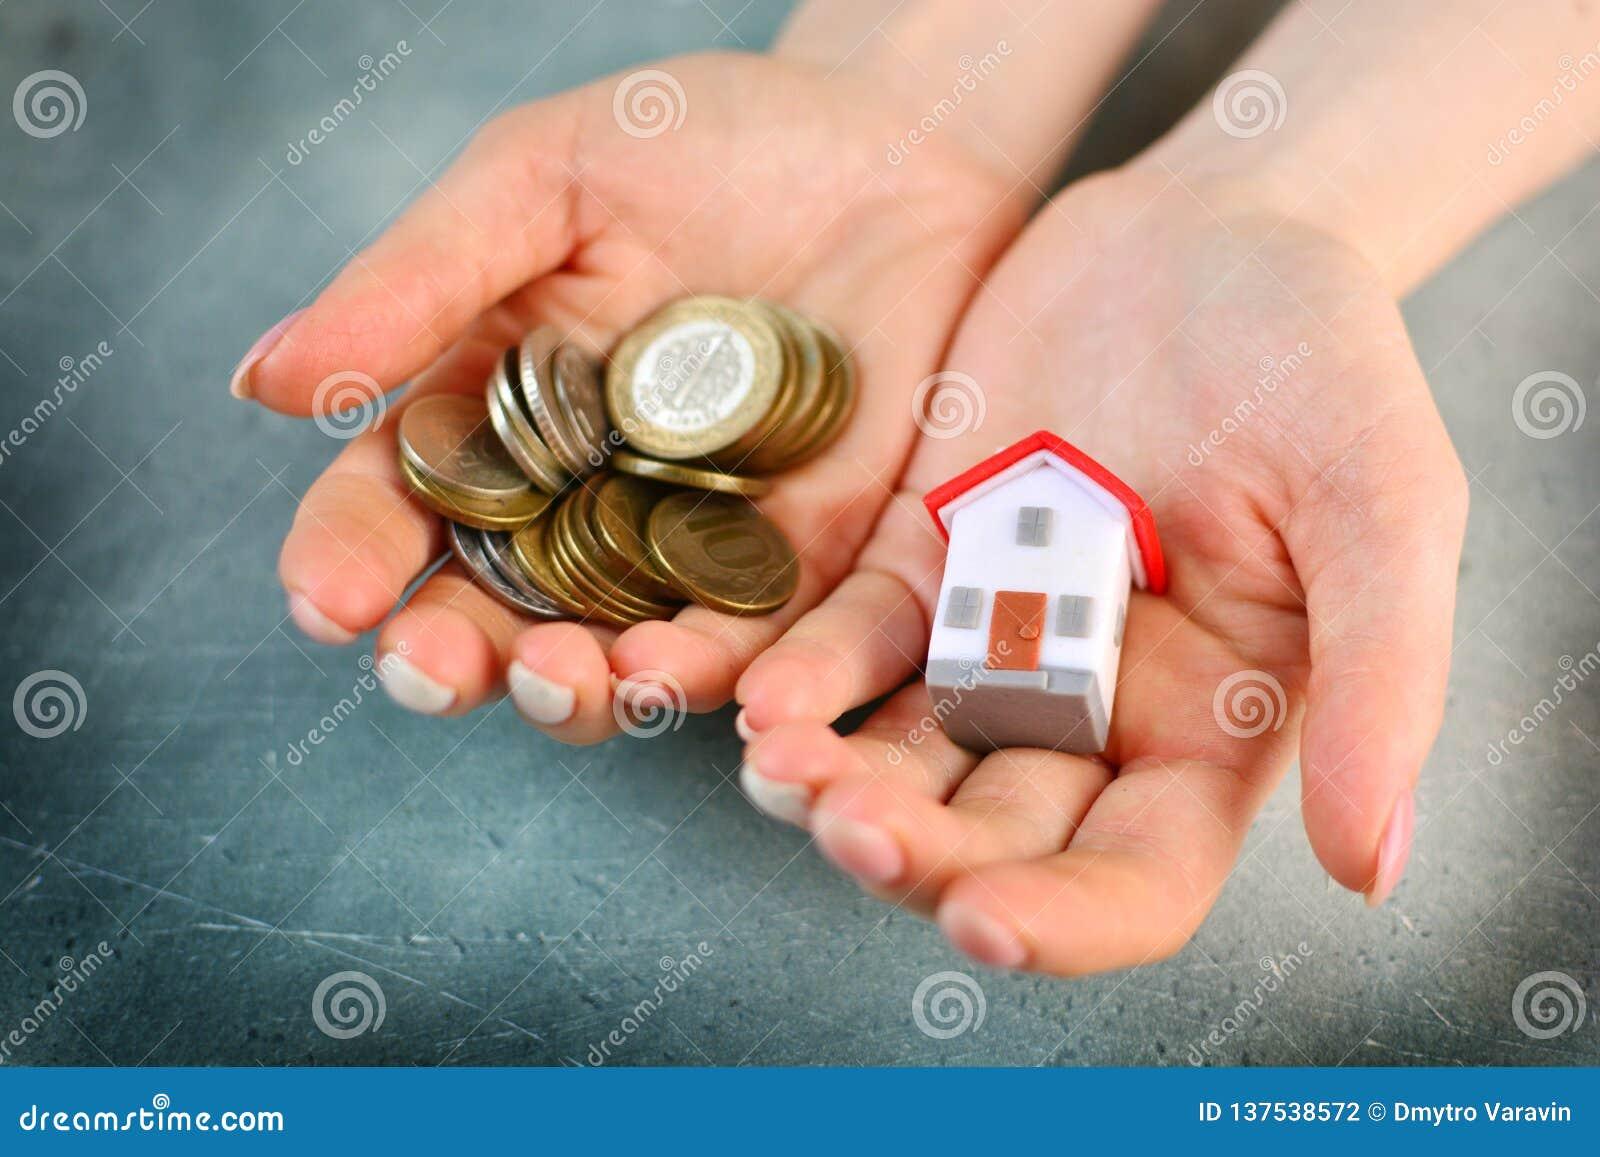 Έλλειψη χρημάτων για να αγοράσει μια έννοια σπιτιών Η γυναίκα κρατά το σπίτι παιχνιδιών σε μια χέρι και χούφτα των νομισμάτων σε